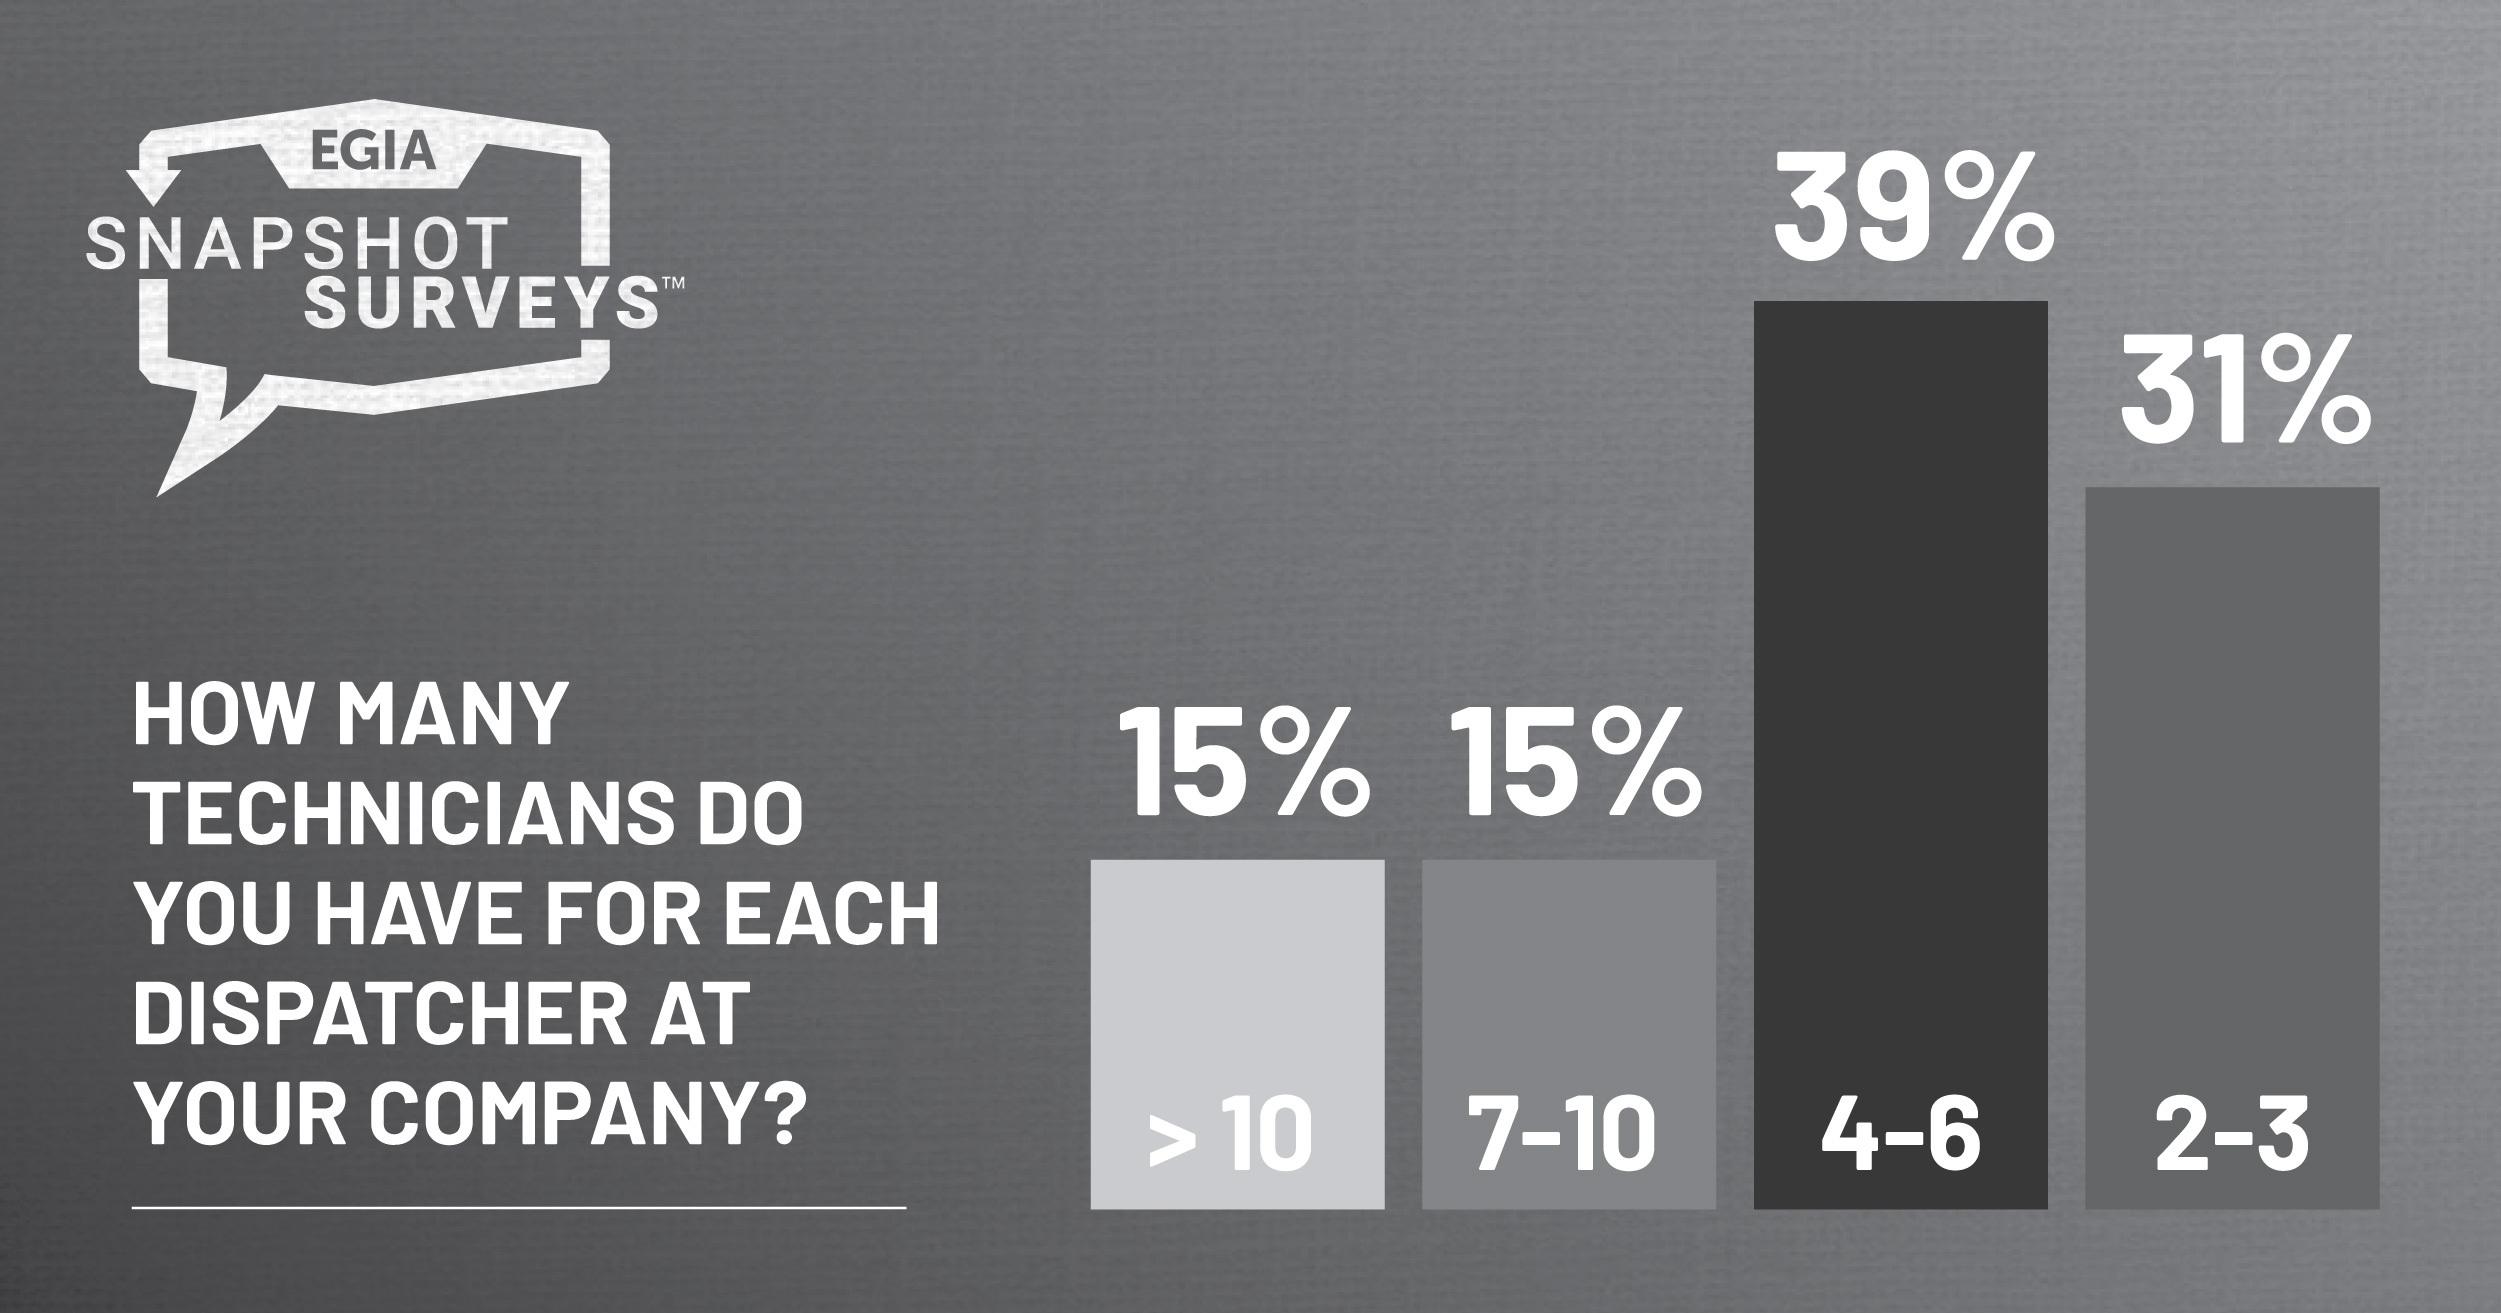 EGIA Snapshot Survey - Dispatching